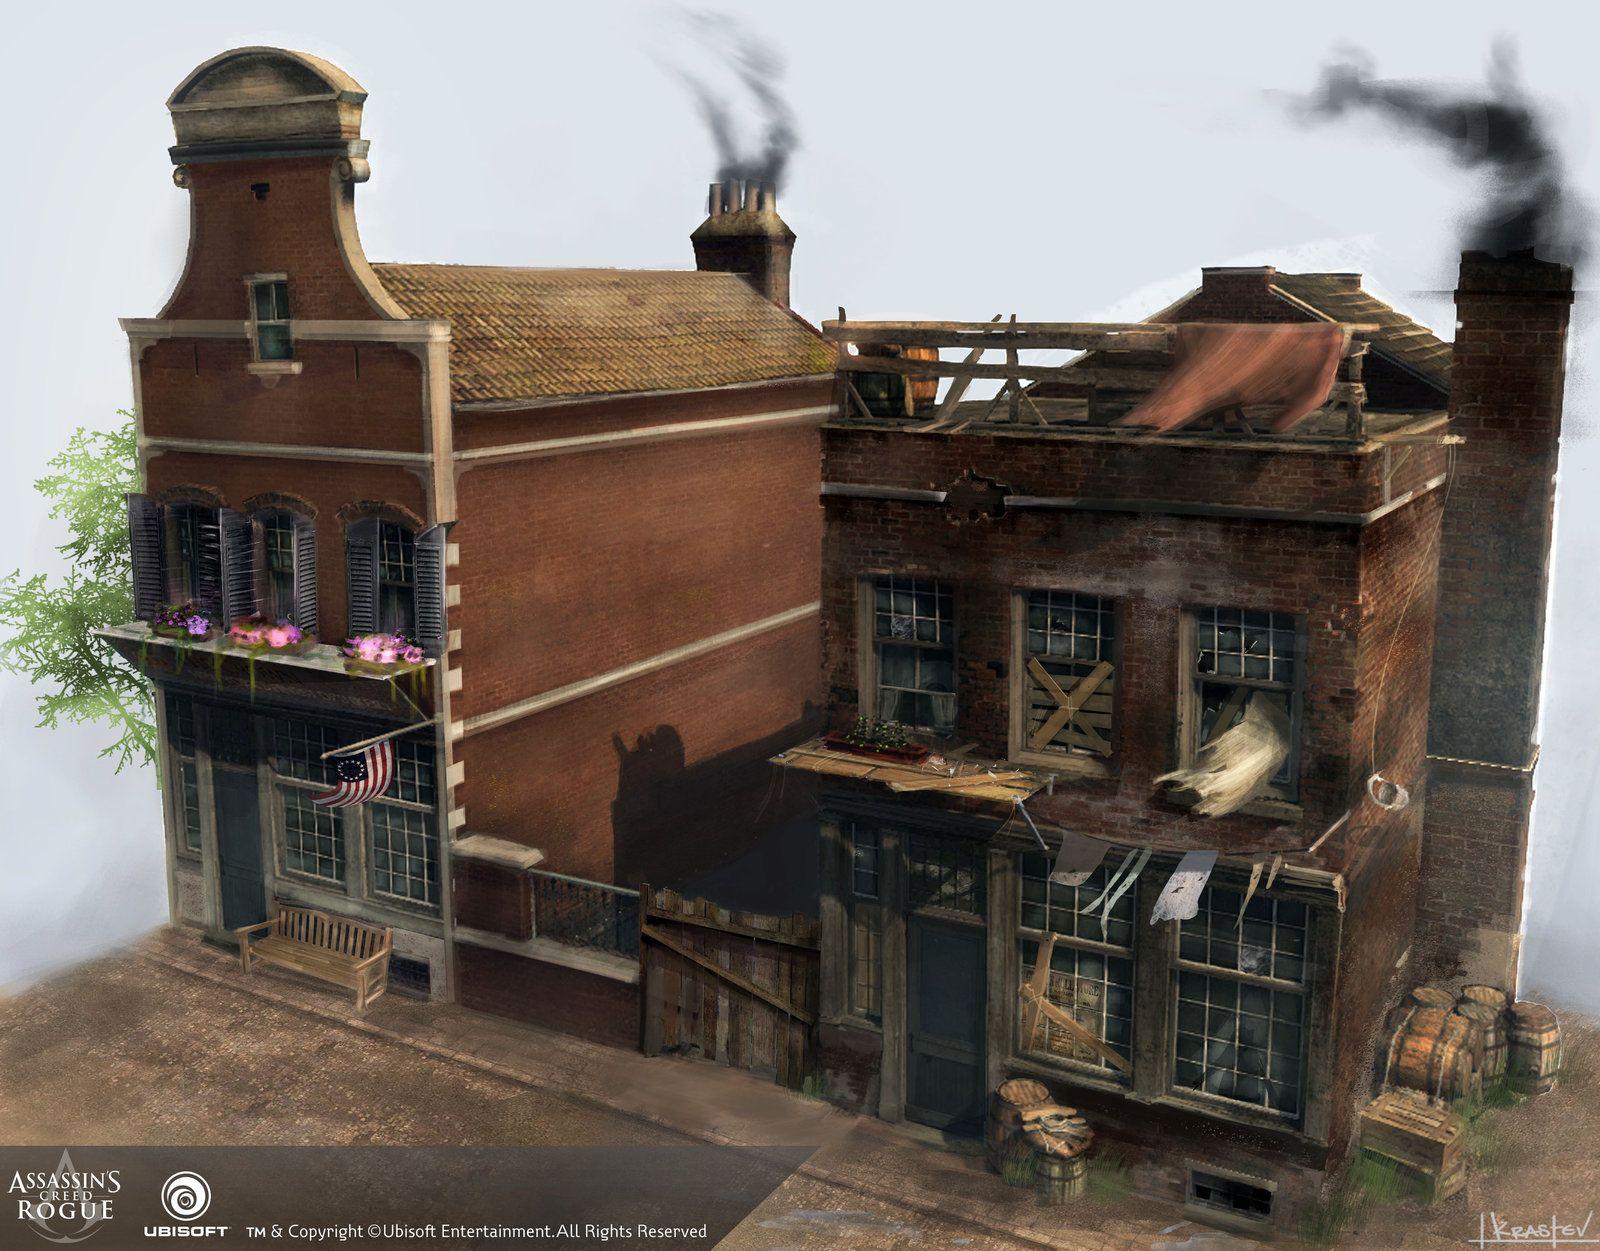 Assassins CreedRogue houses Tsvetelin Krastev on ArtStation at